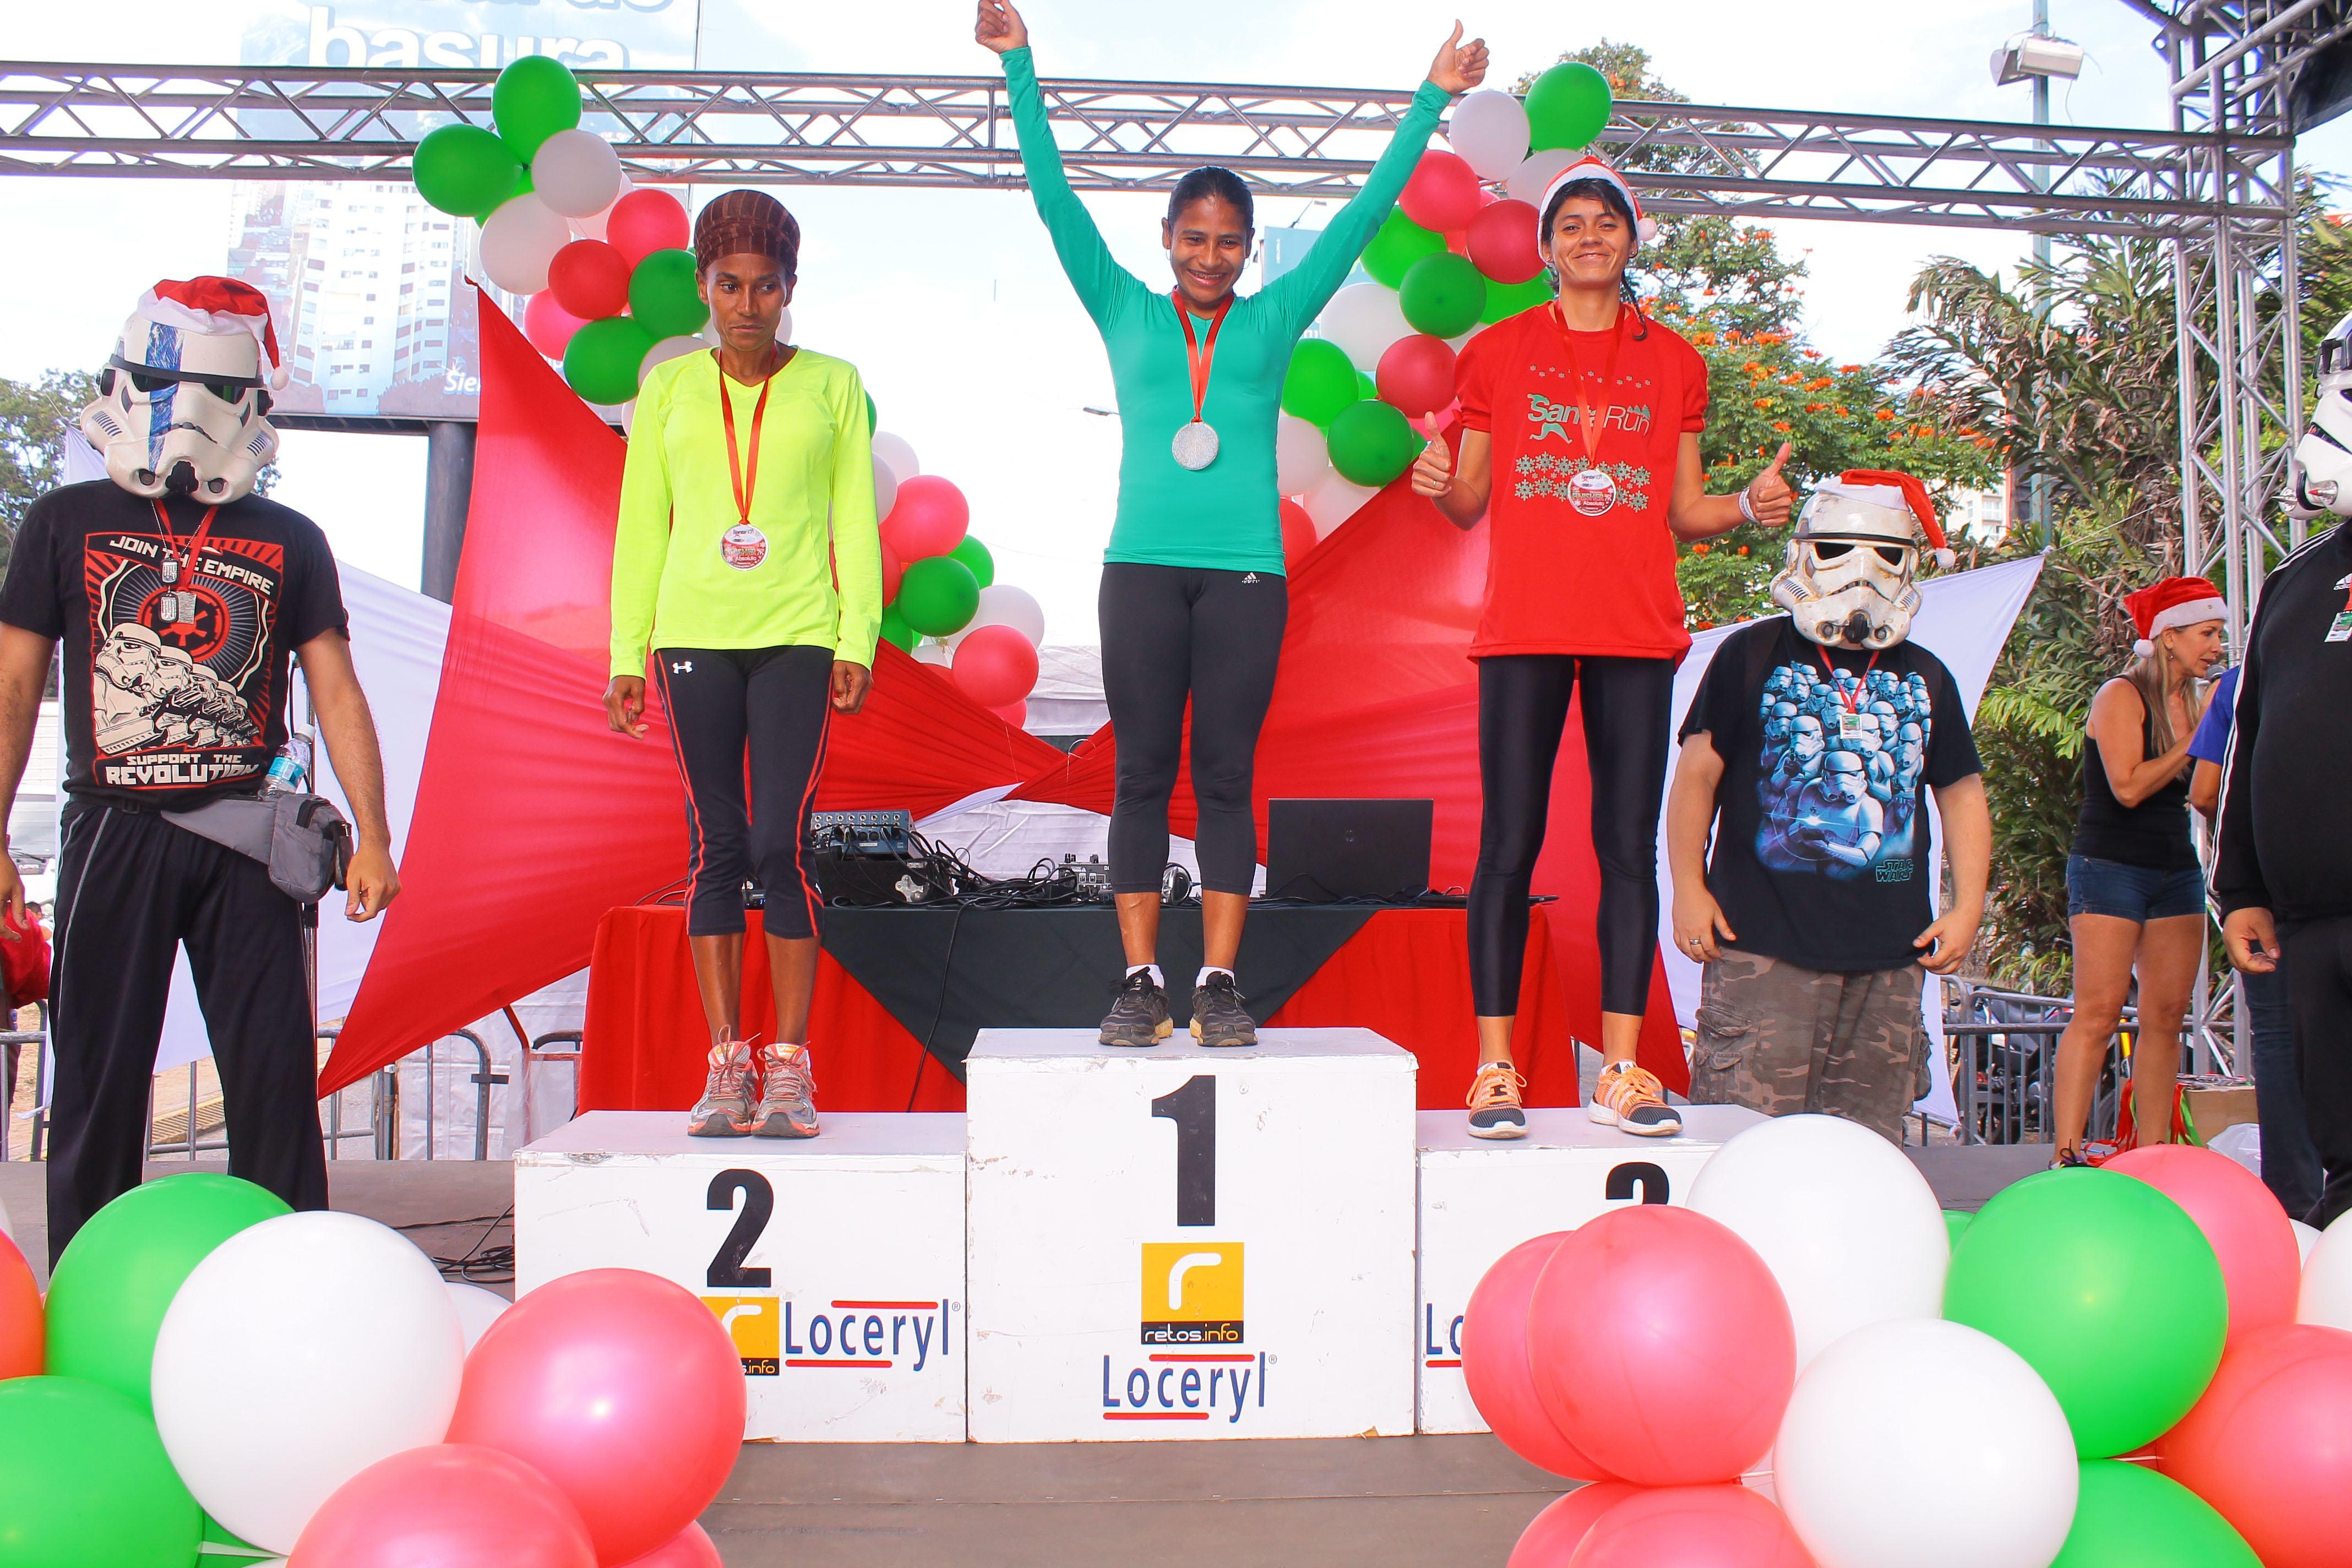 SantaRunVenezuela_Fotosoymaratonista.jpg1